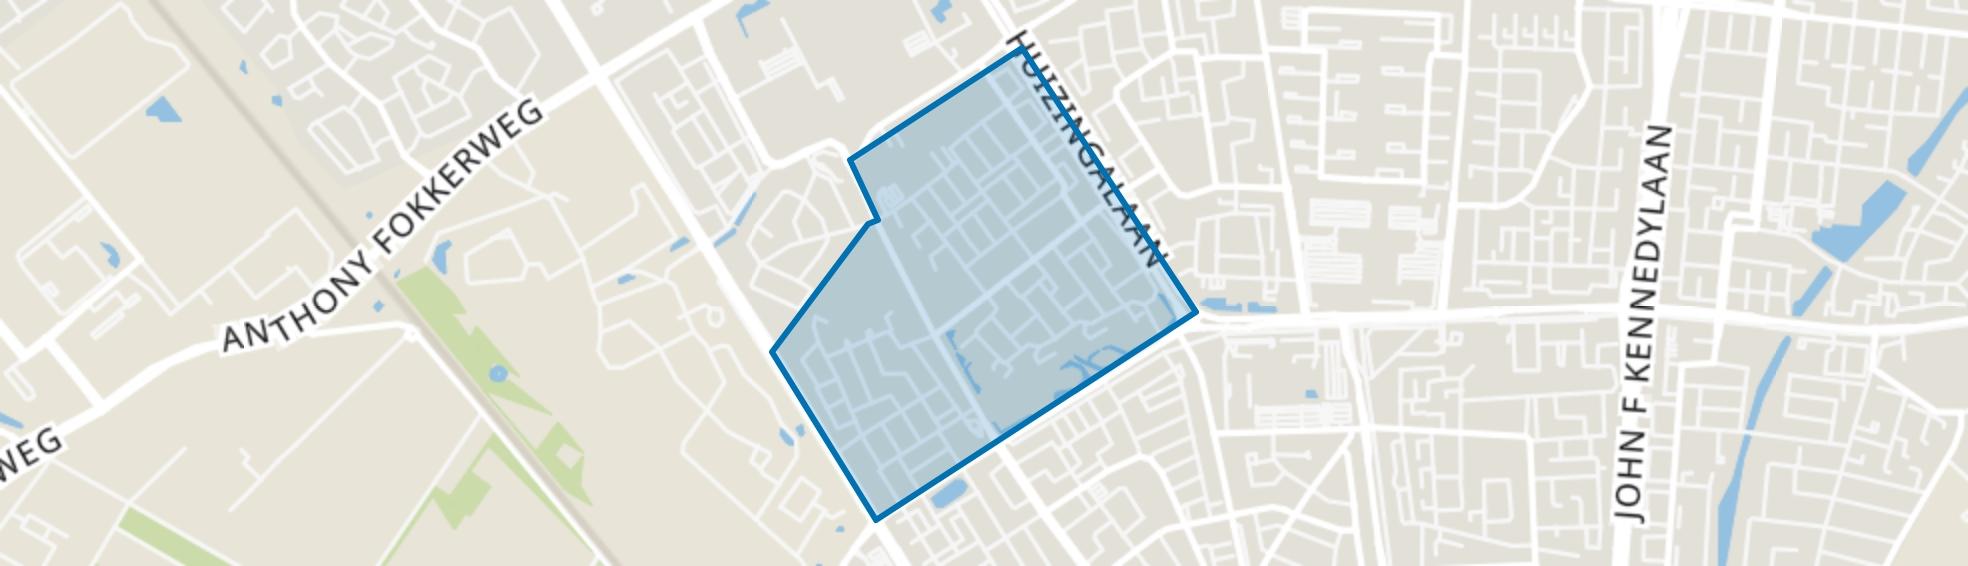 Prinsejagt, Eindhoven map